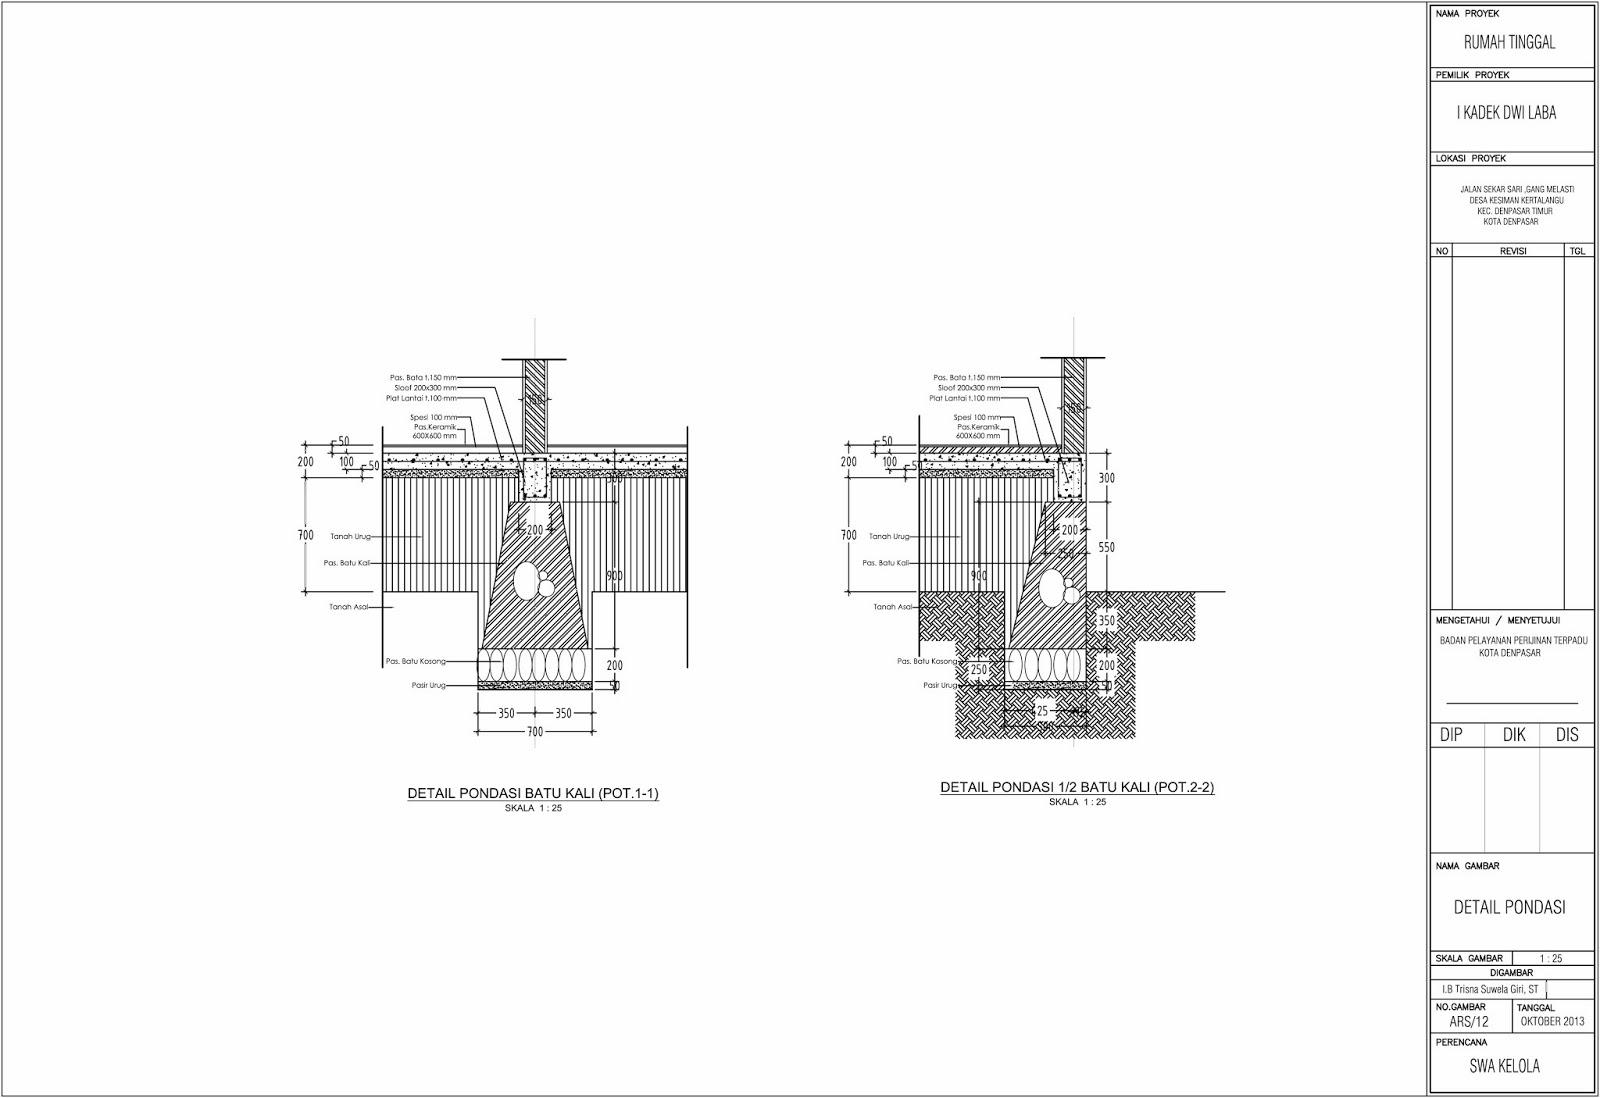 Desain Pondasi Pagar Rumah Rajasthan Board G